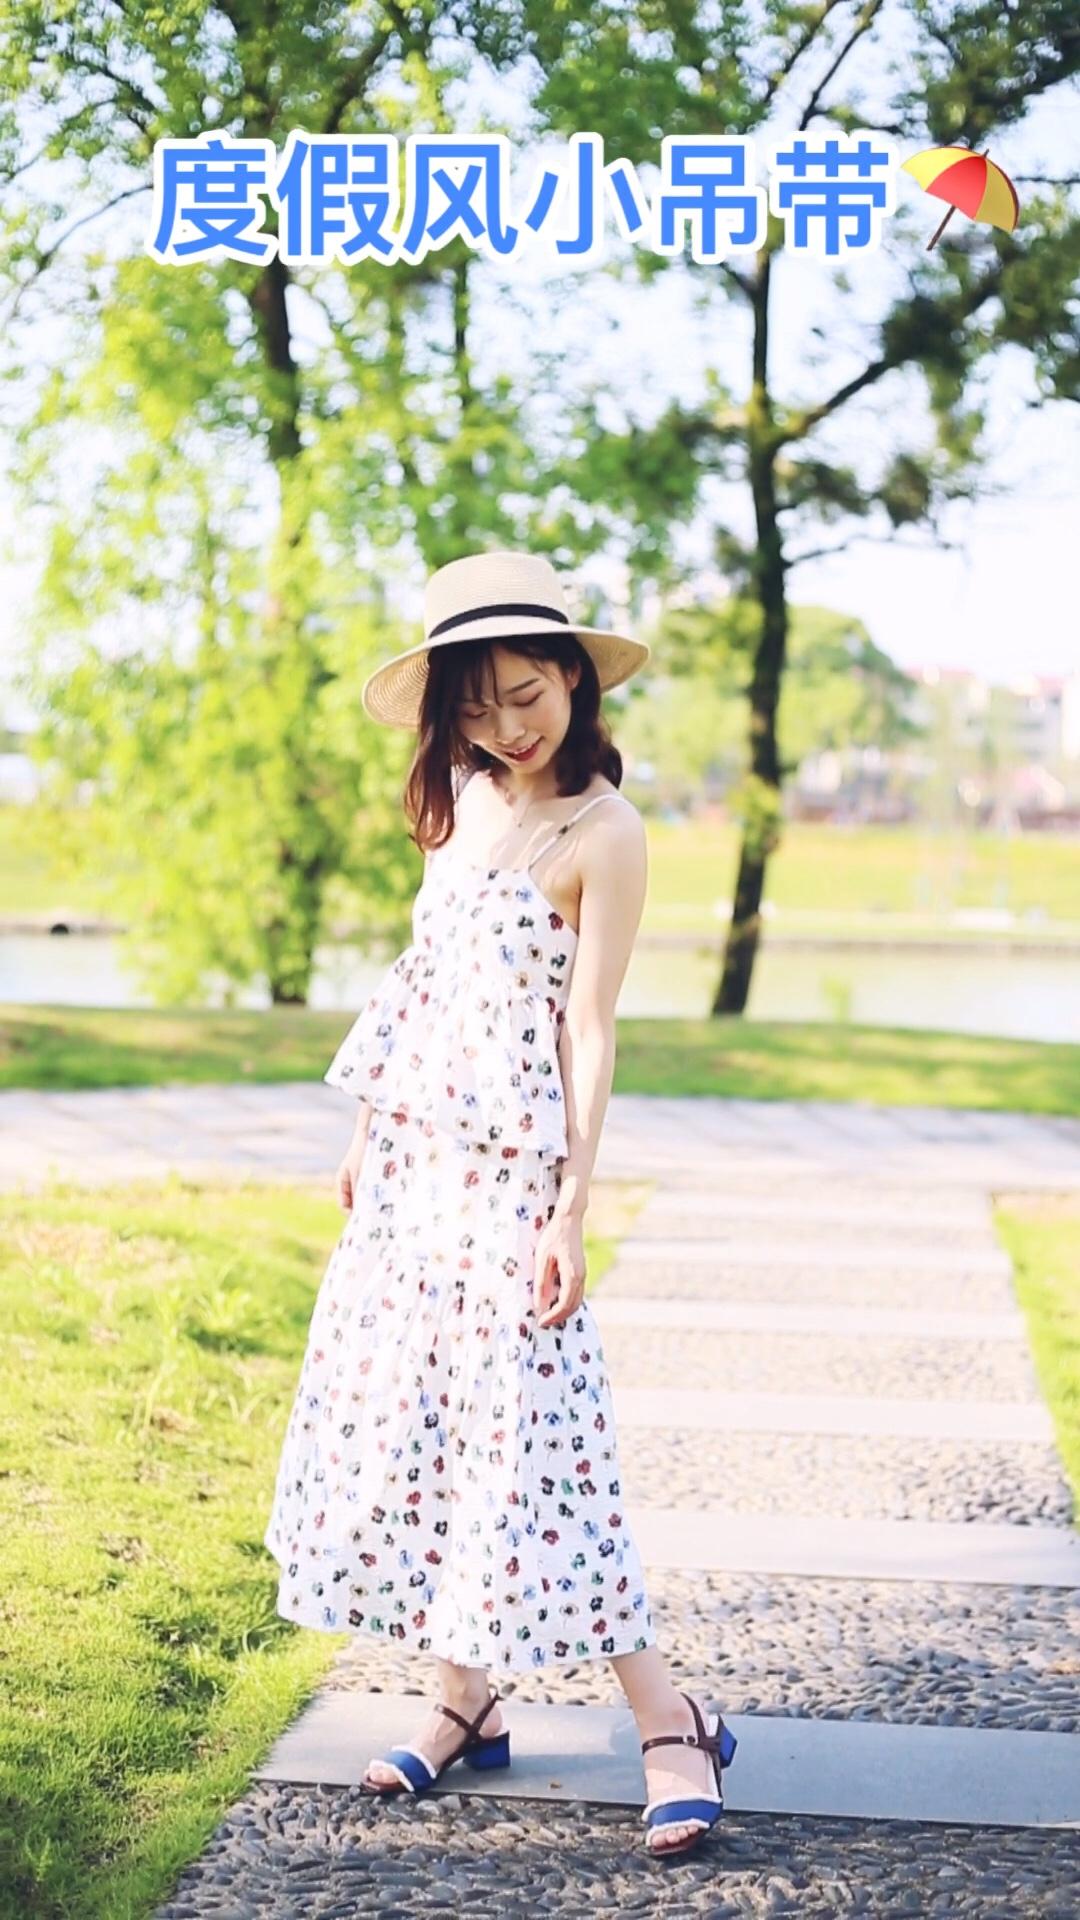 #618一天入手,30天穿搭不重样!# 小花花蓬蓬吊带裙 非常清新可爱 面料自带这周感 非常特别 搭配同色系蓝色单品更加和谐统一 很适合出门玩度假穿呀 日常的话可以加一件防晒 遮阳又好看~